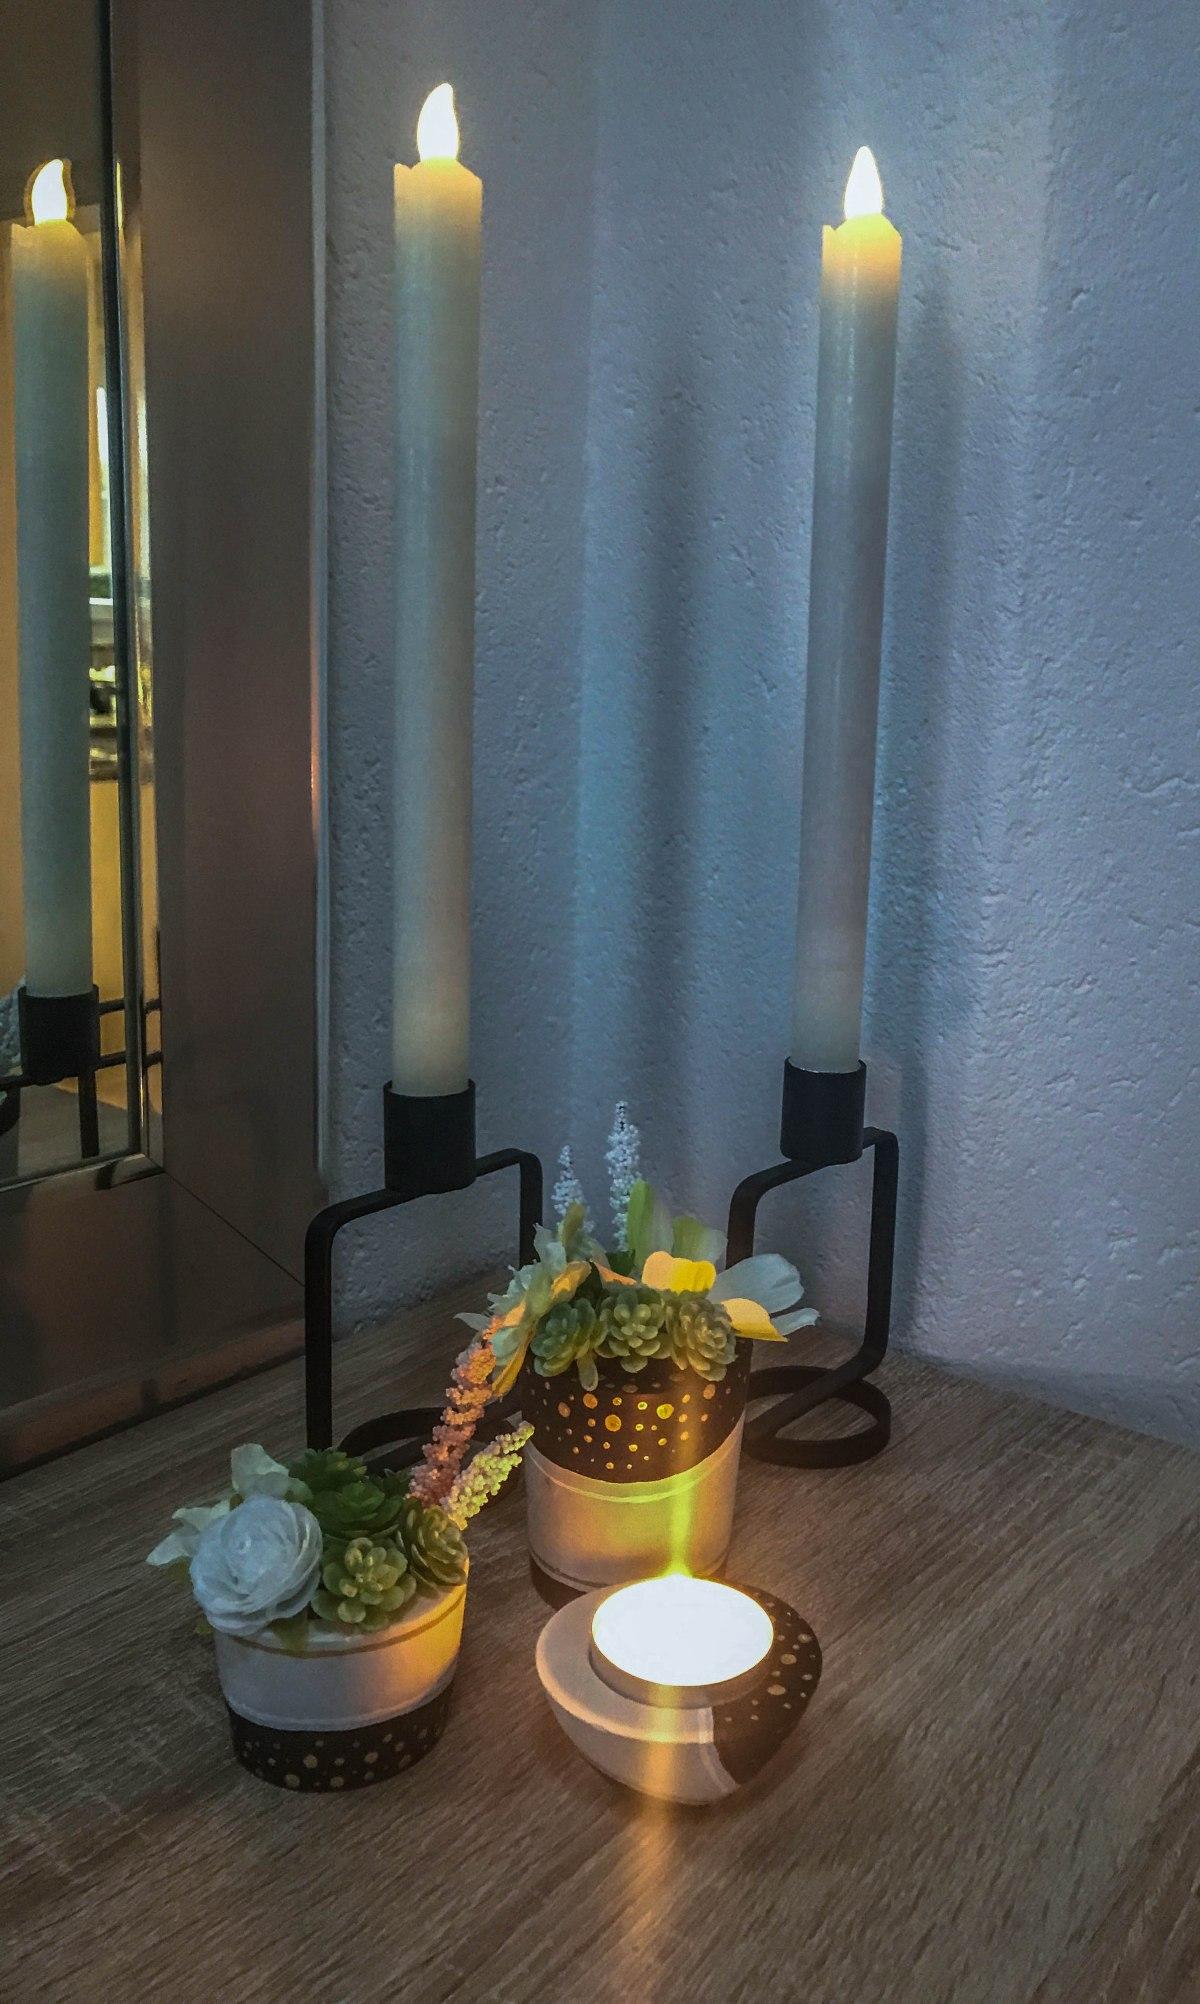 DIY Teelicht- und Blumenhalter